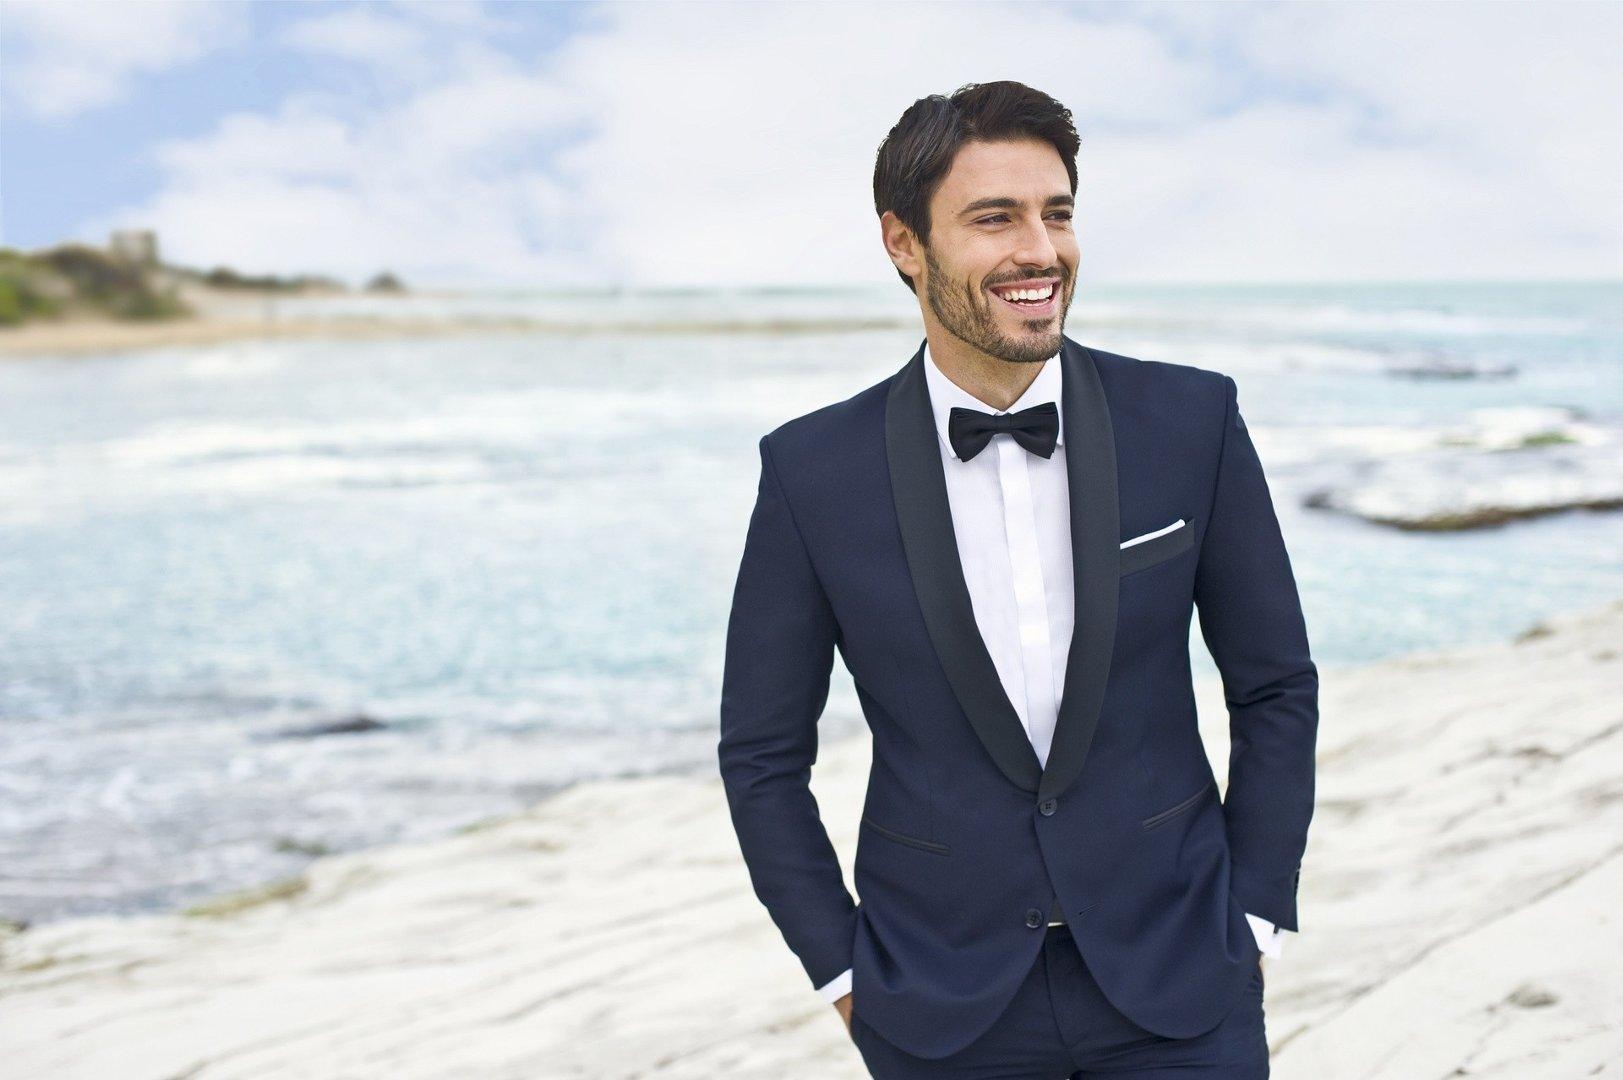 ed27fa0a42c89 Elegancki garnitur to klasyczne rozwiązanie, idealne na ślub. Każda męska  sylwetka będzie dobrze się w nim prezentować – wystarczy odpowiednie  dopasowanie.